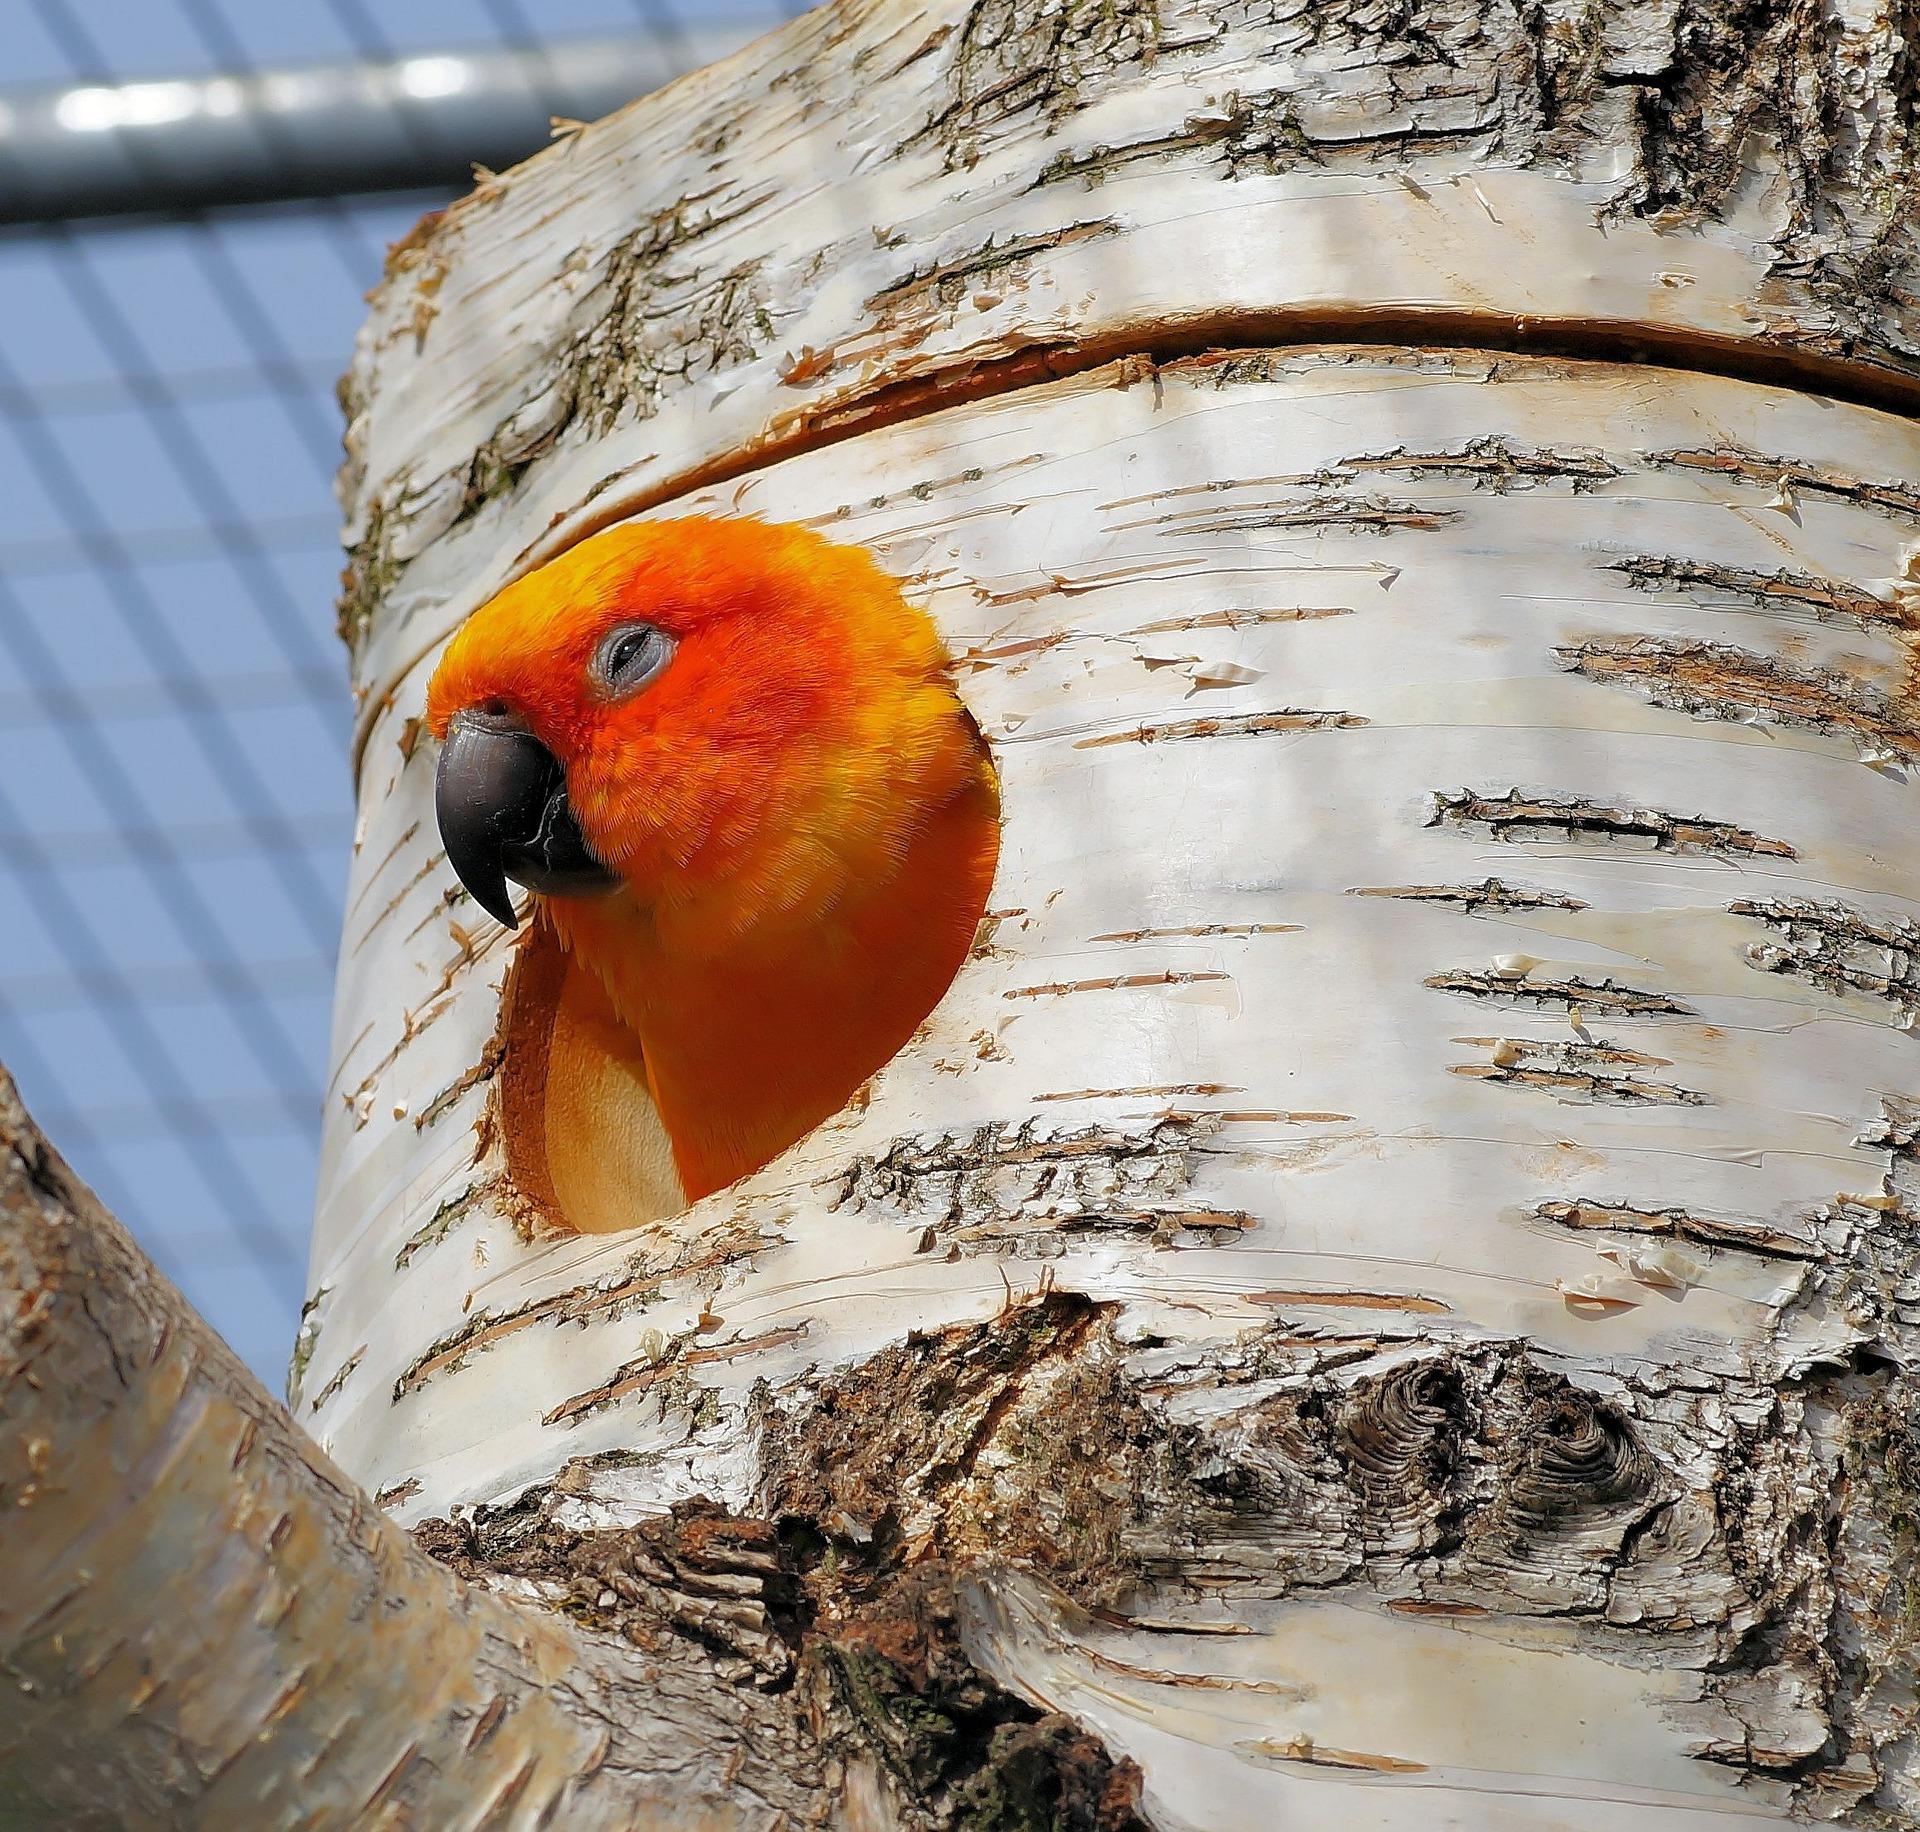 parrot-722857_1920.jpg